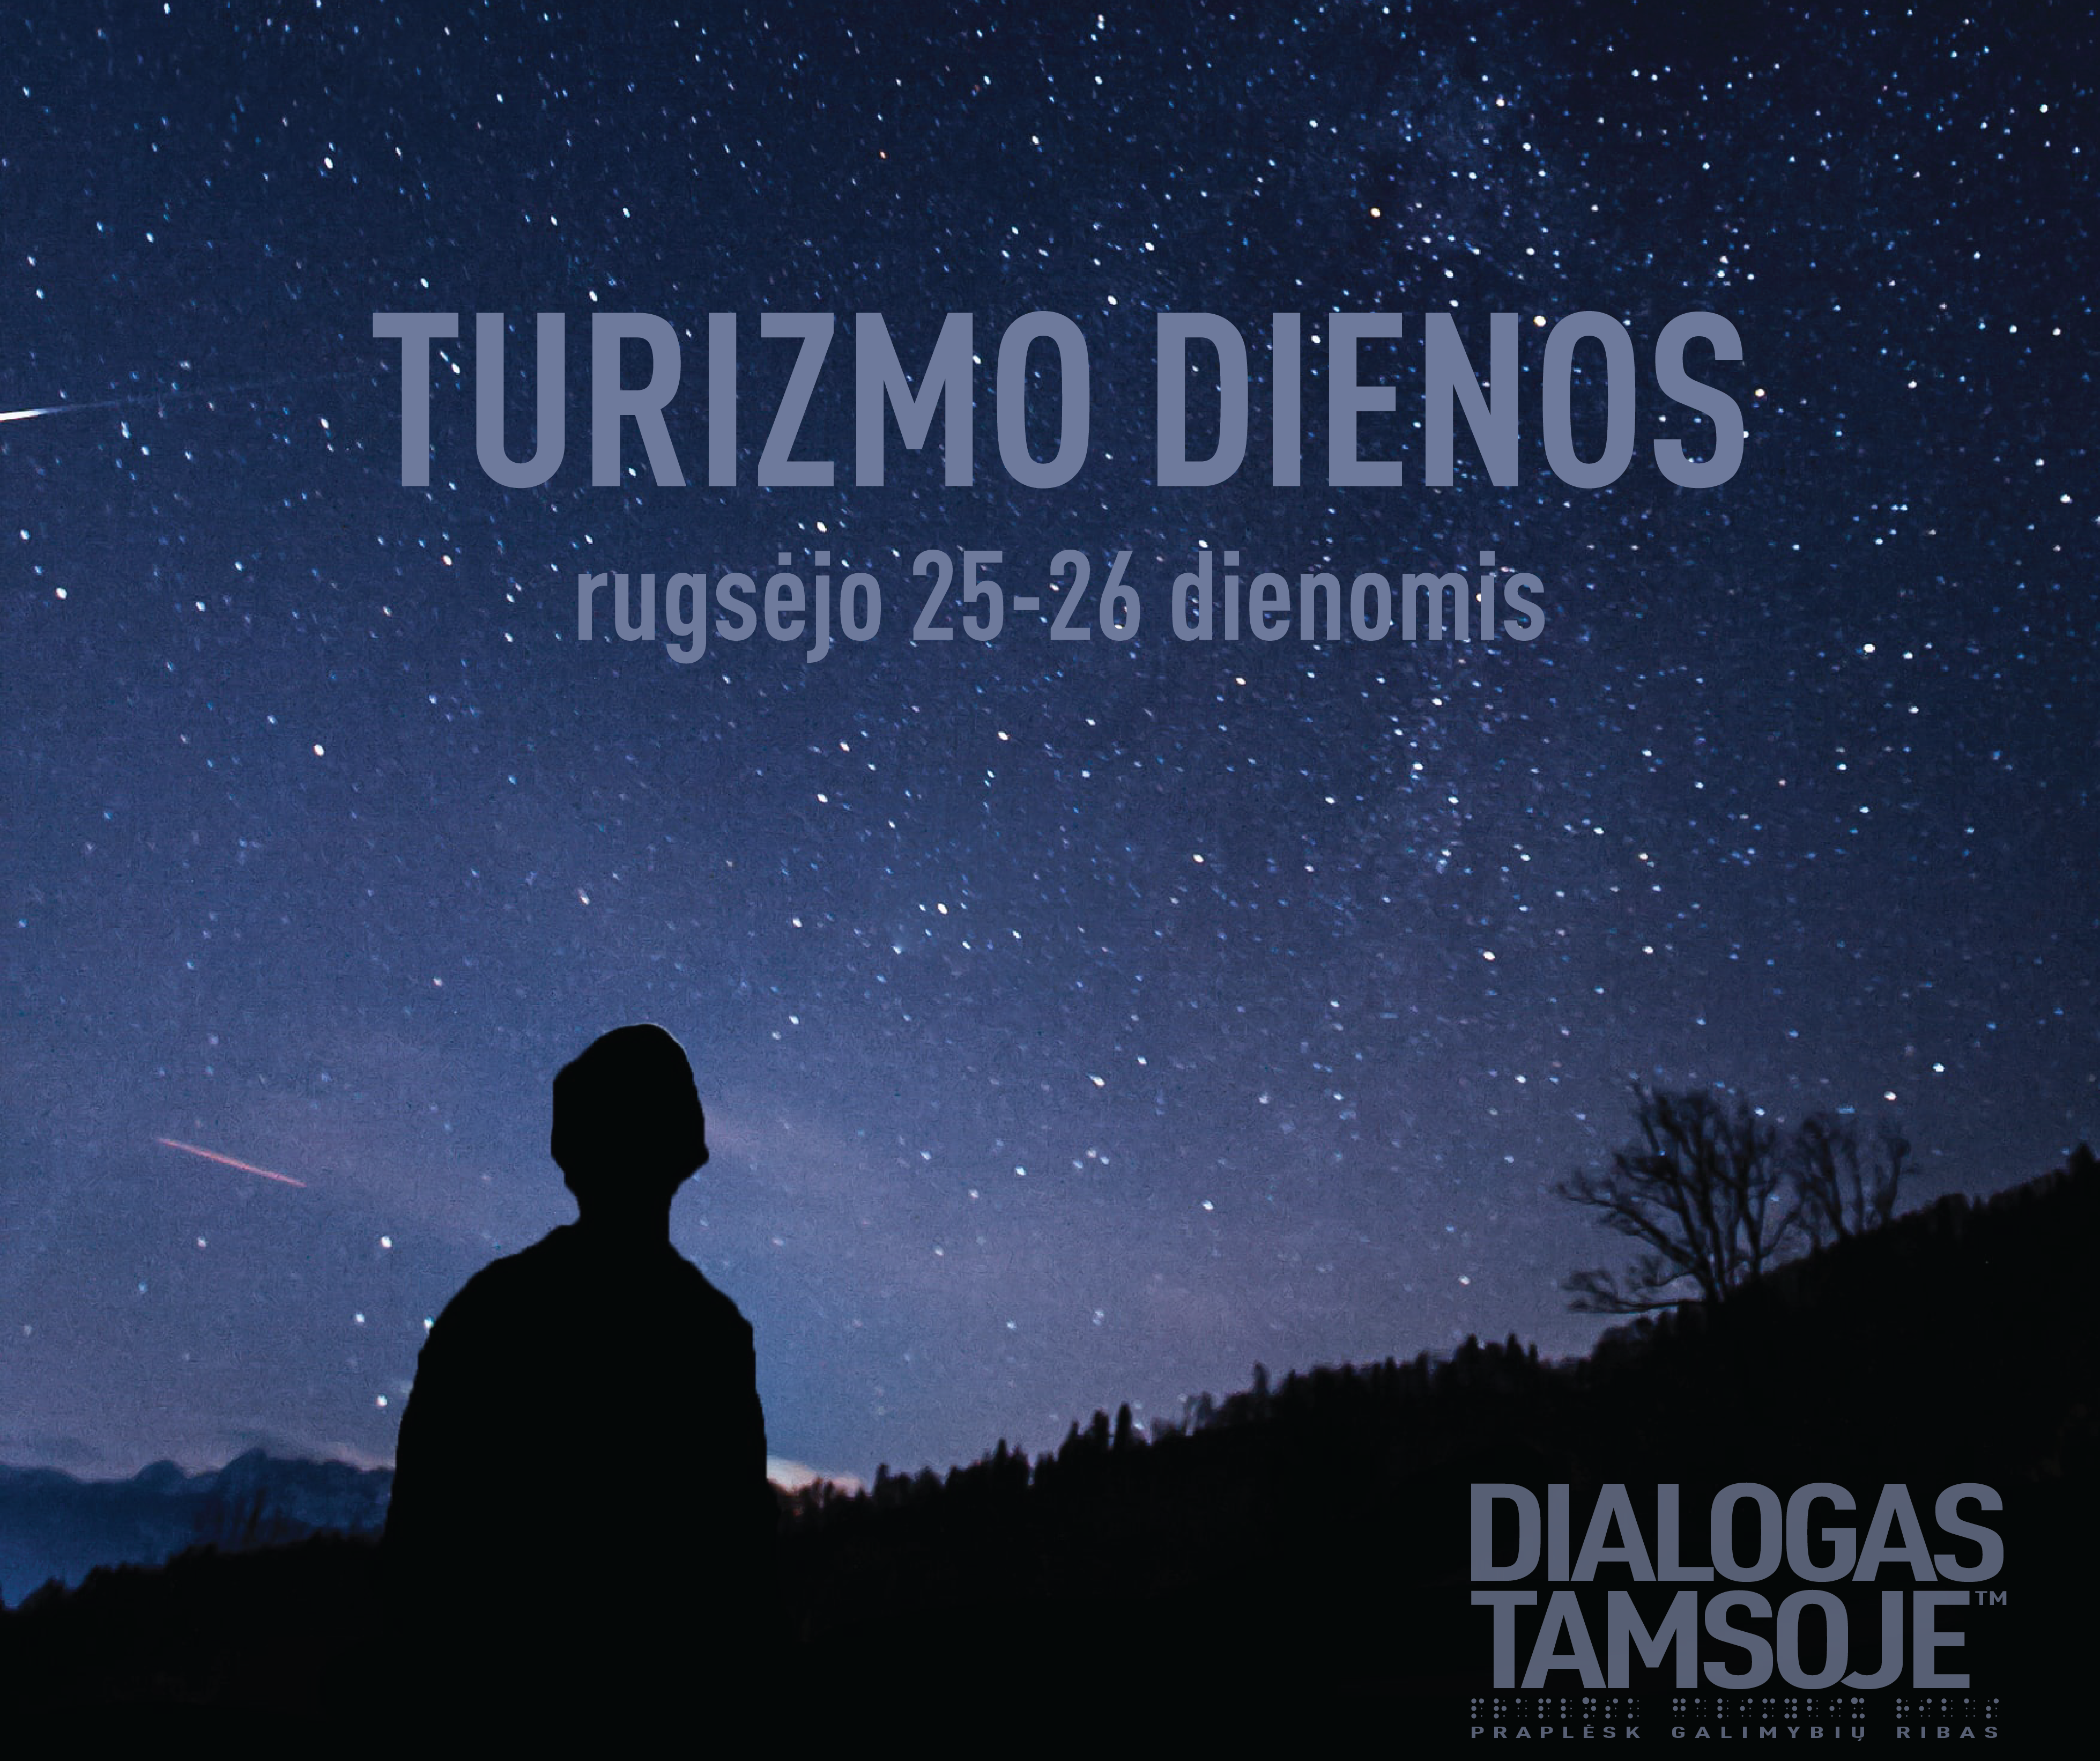 Turizmo dienos Dialoge tamsoje